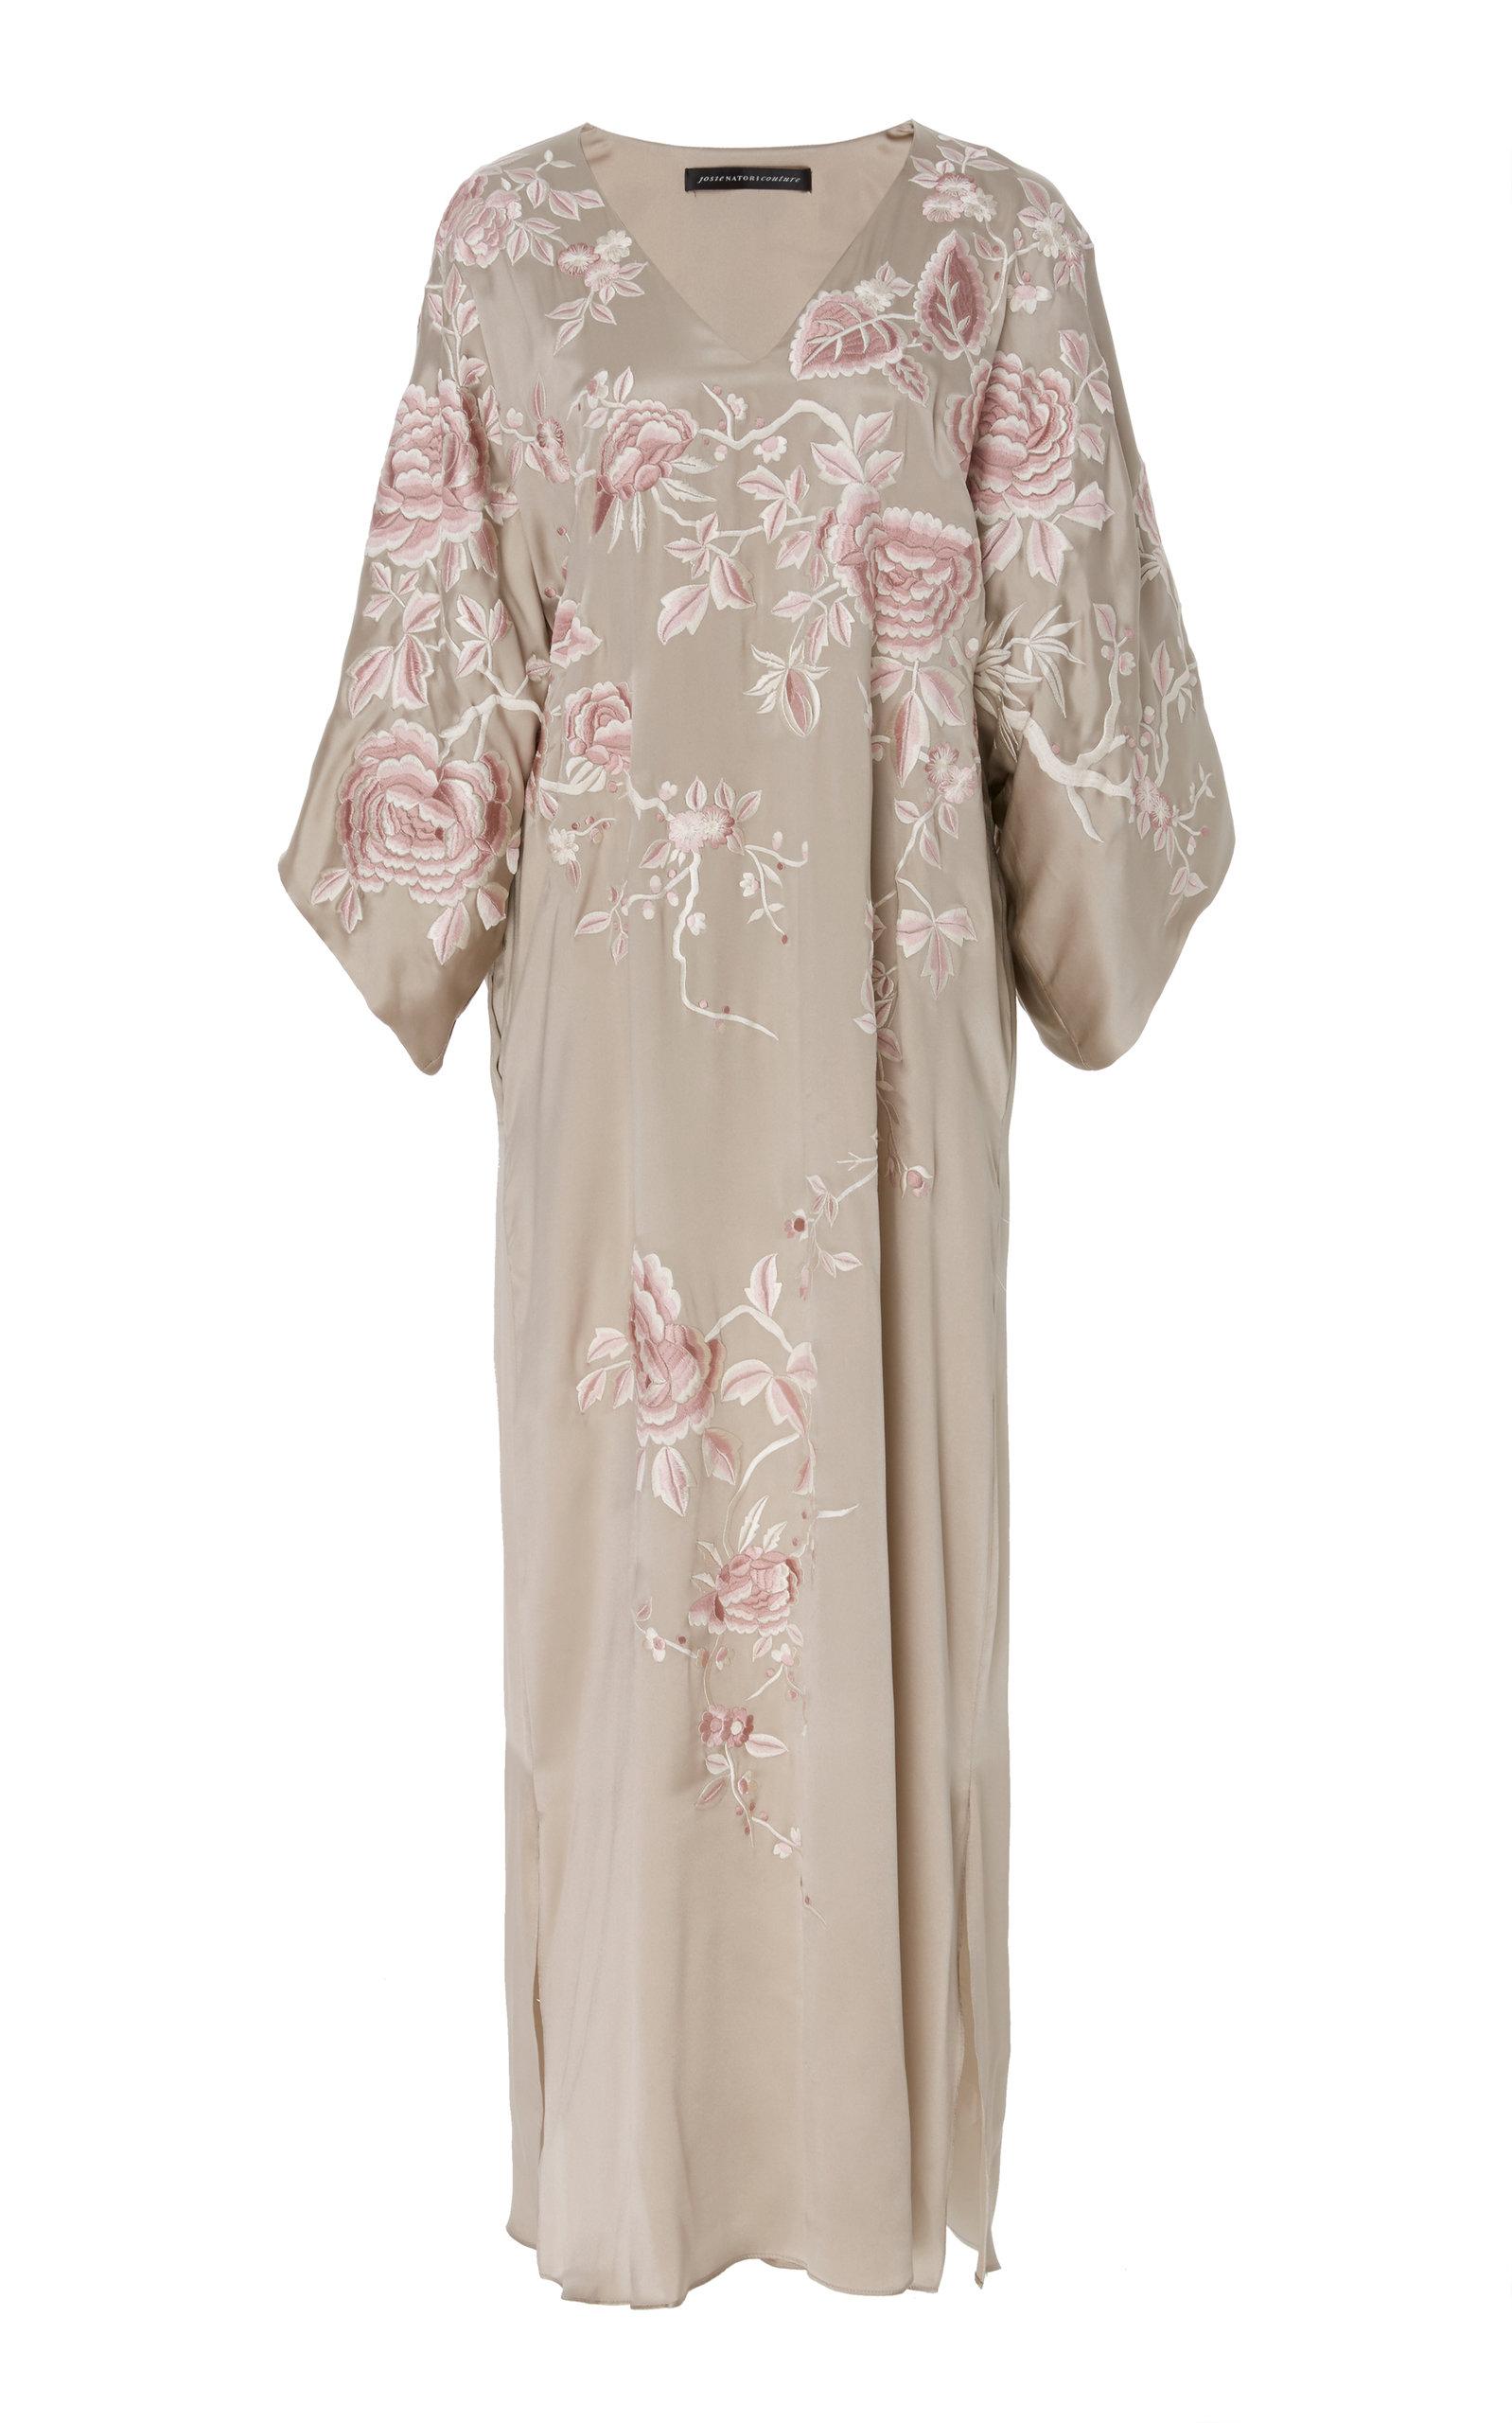 JOSIE NATORI COUTURE Kimono Caftan in Print